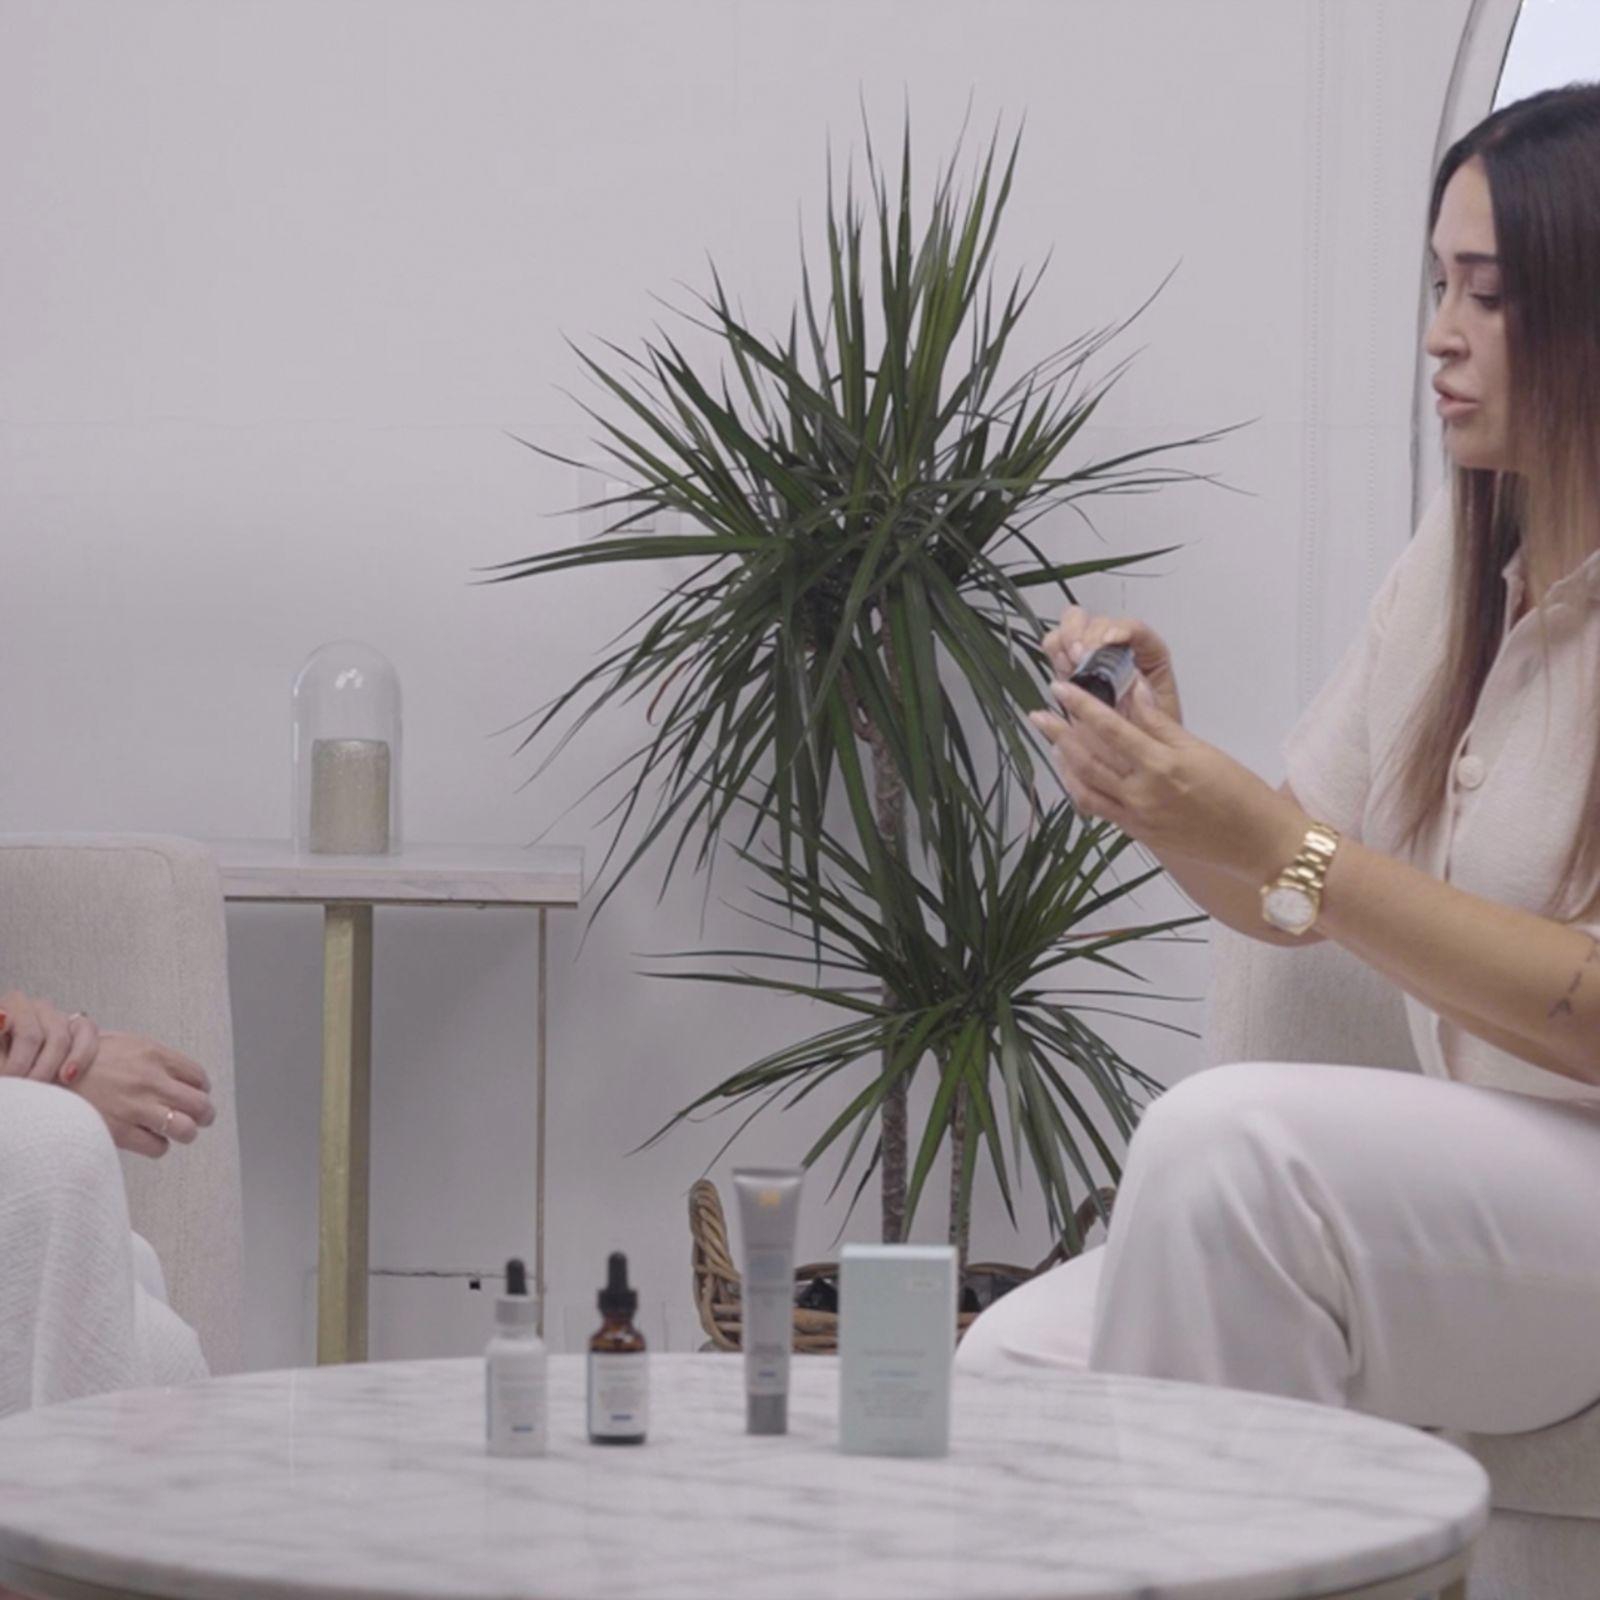 La rutina de belleza (antioxidante y antimanchas) de Vicky Martín Berrocal para el verano